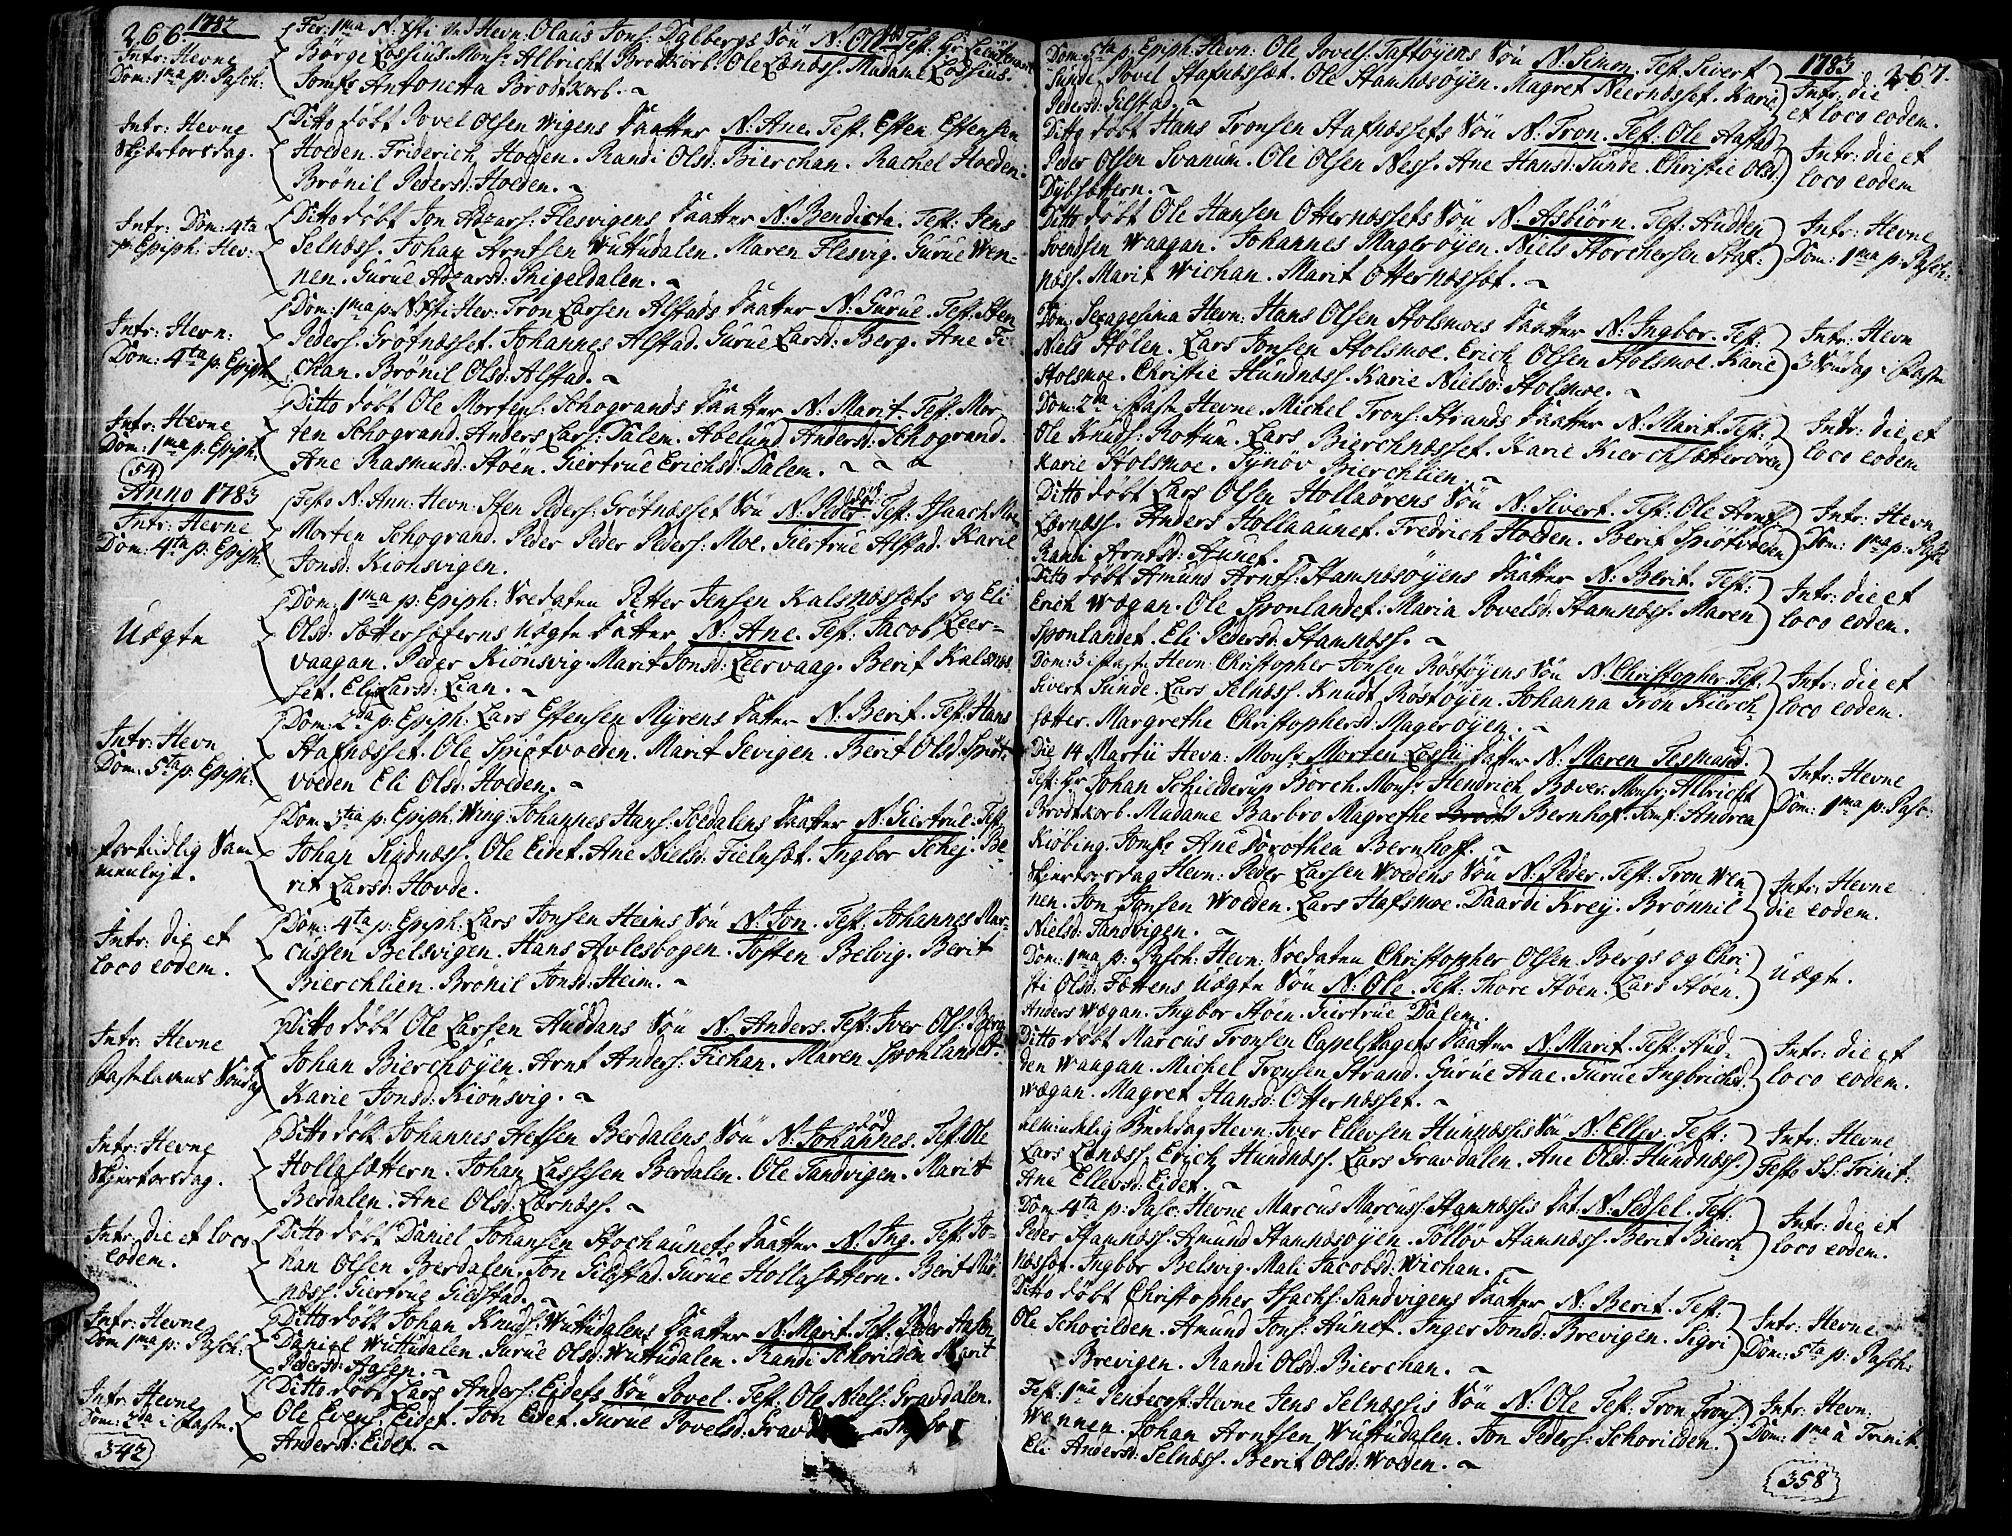 SAT, Ministerialprotokoller, klokkerbøker og fødselsregistre - Sør-Trøndelag, 630/L0489: Ministerialbok nr. 630A02, 1757-1794, s. 266-267